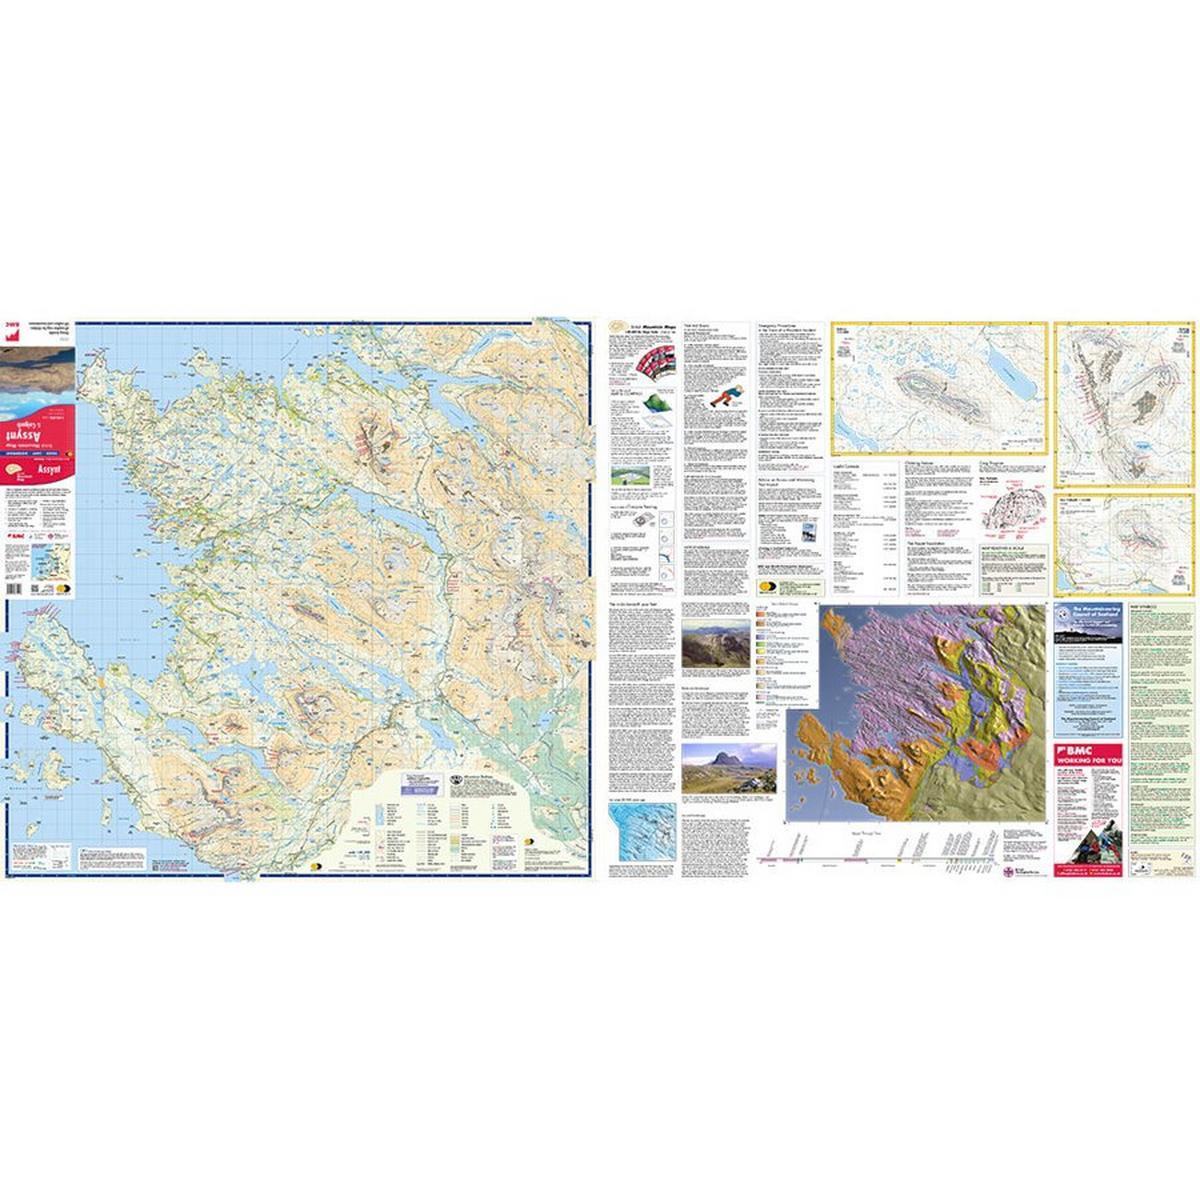 Harveys Harvey Map - BMC: Assynt & Coigach 1:40,000